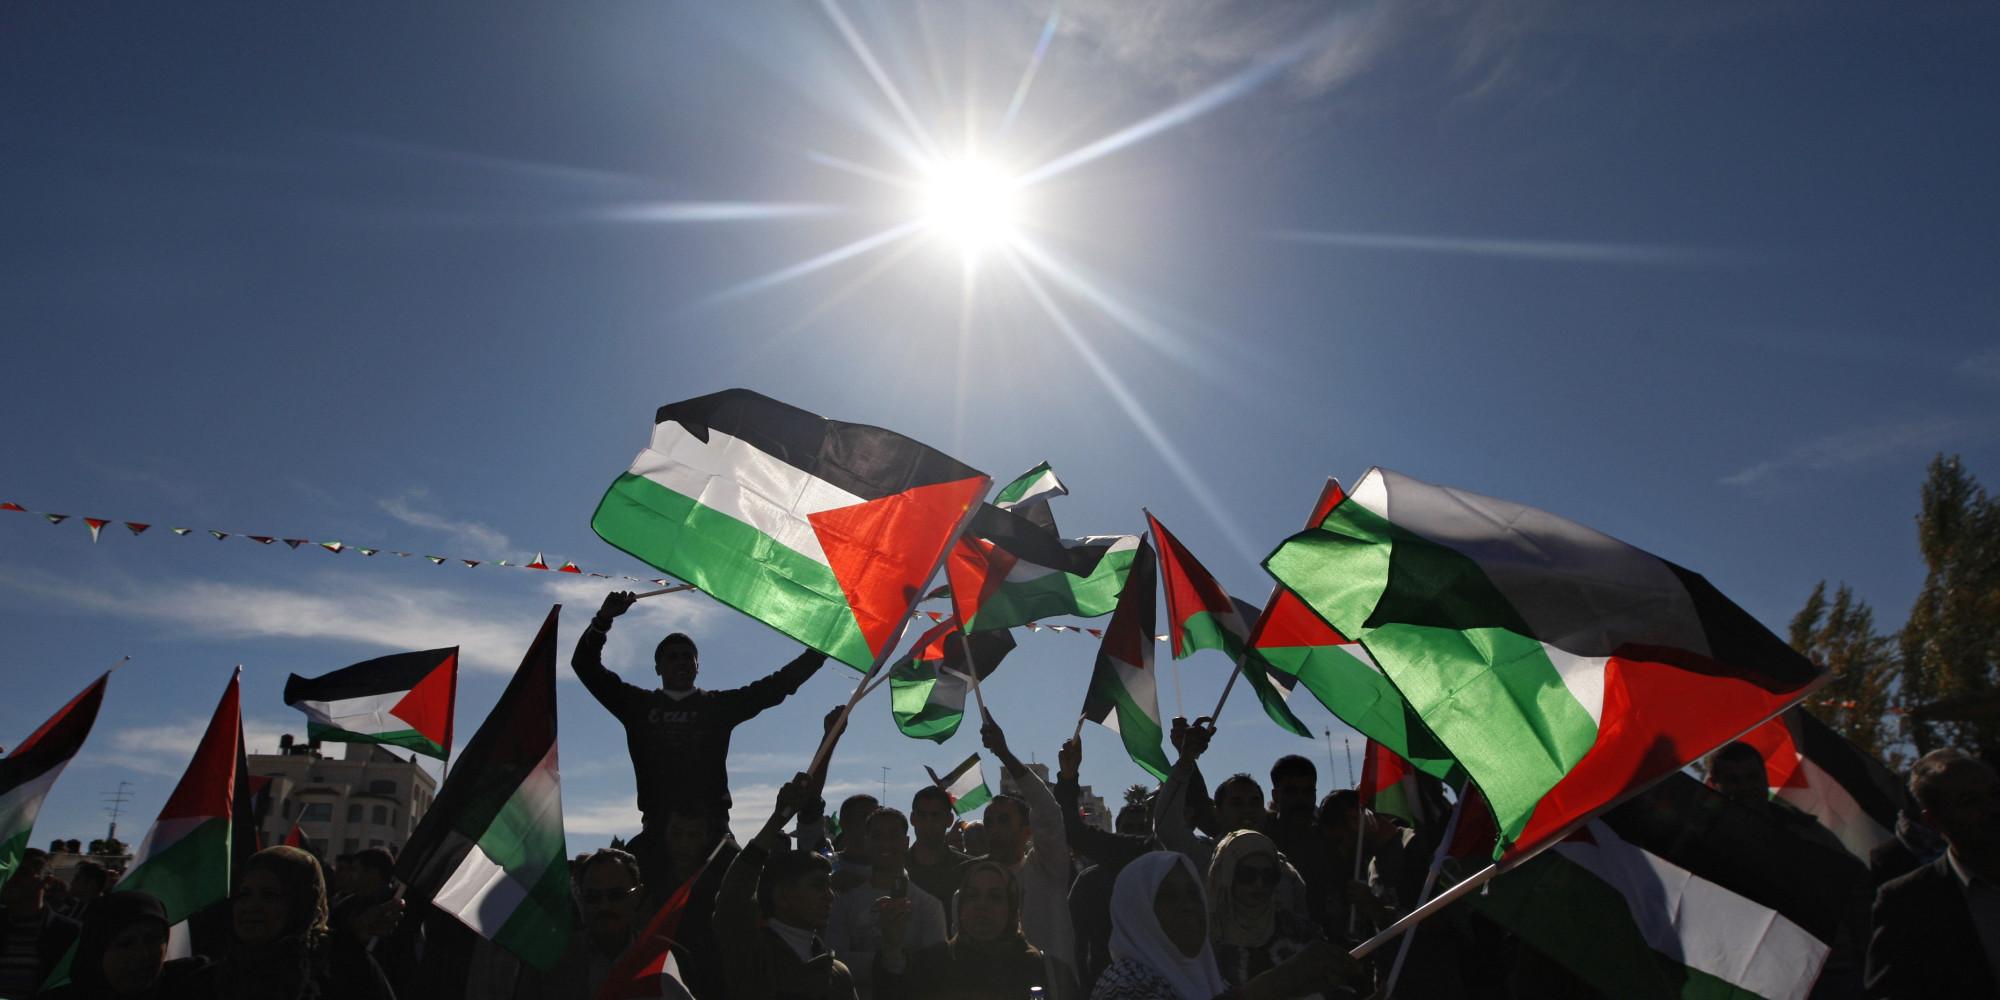 Le CNP Affirme Sa Solidarité avec le Peuple Palestinien